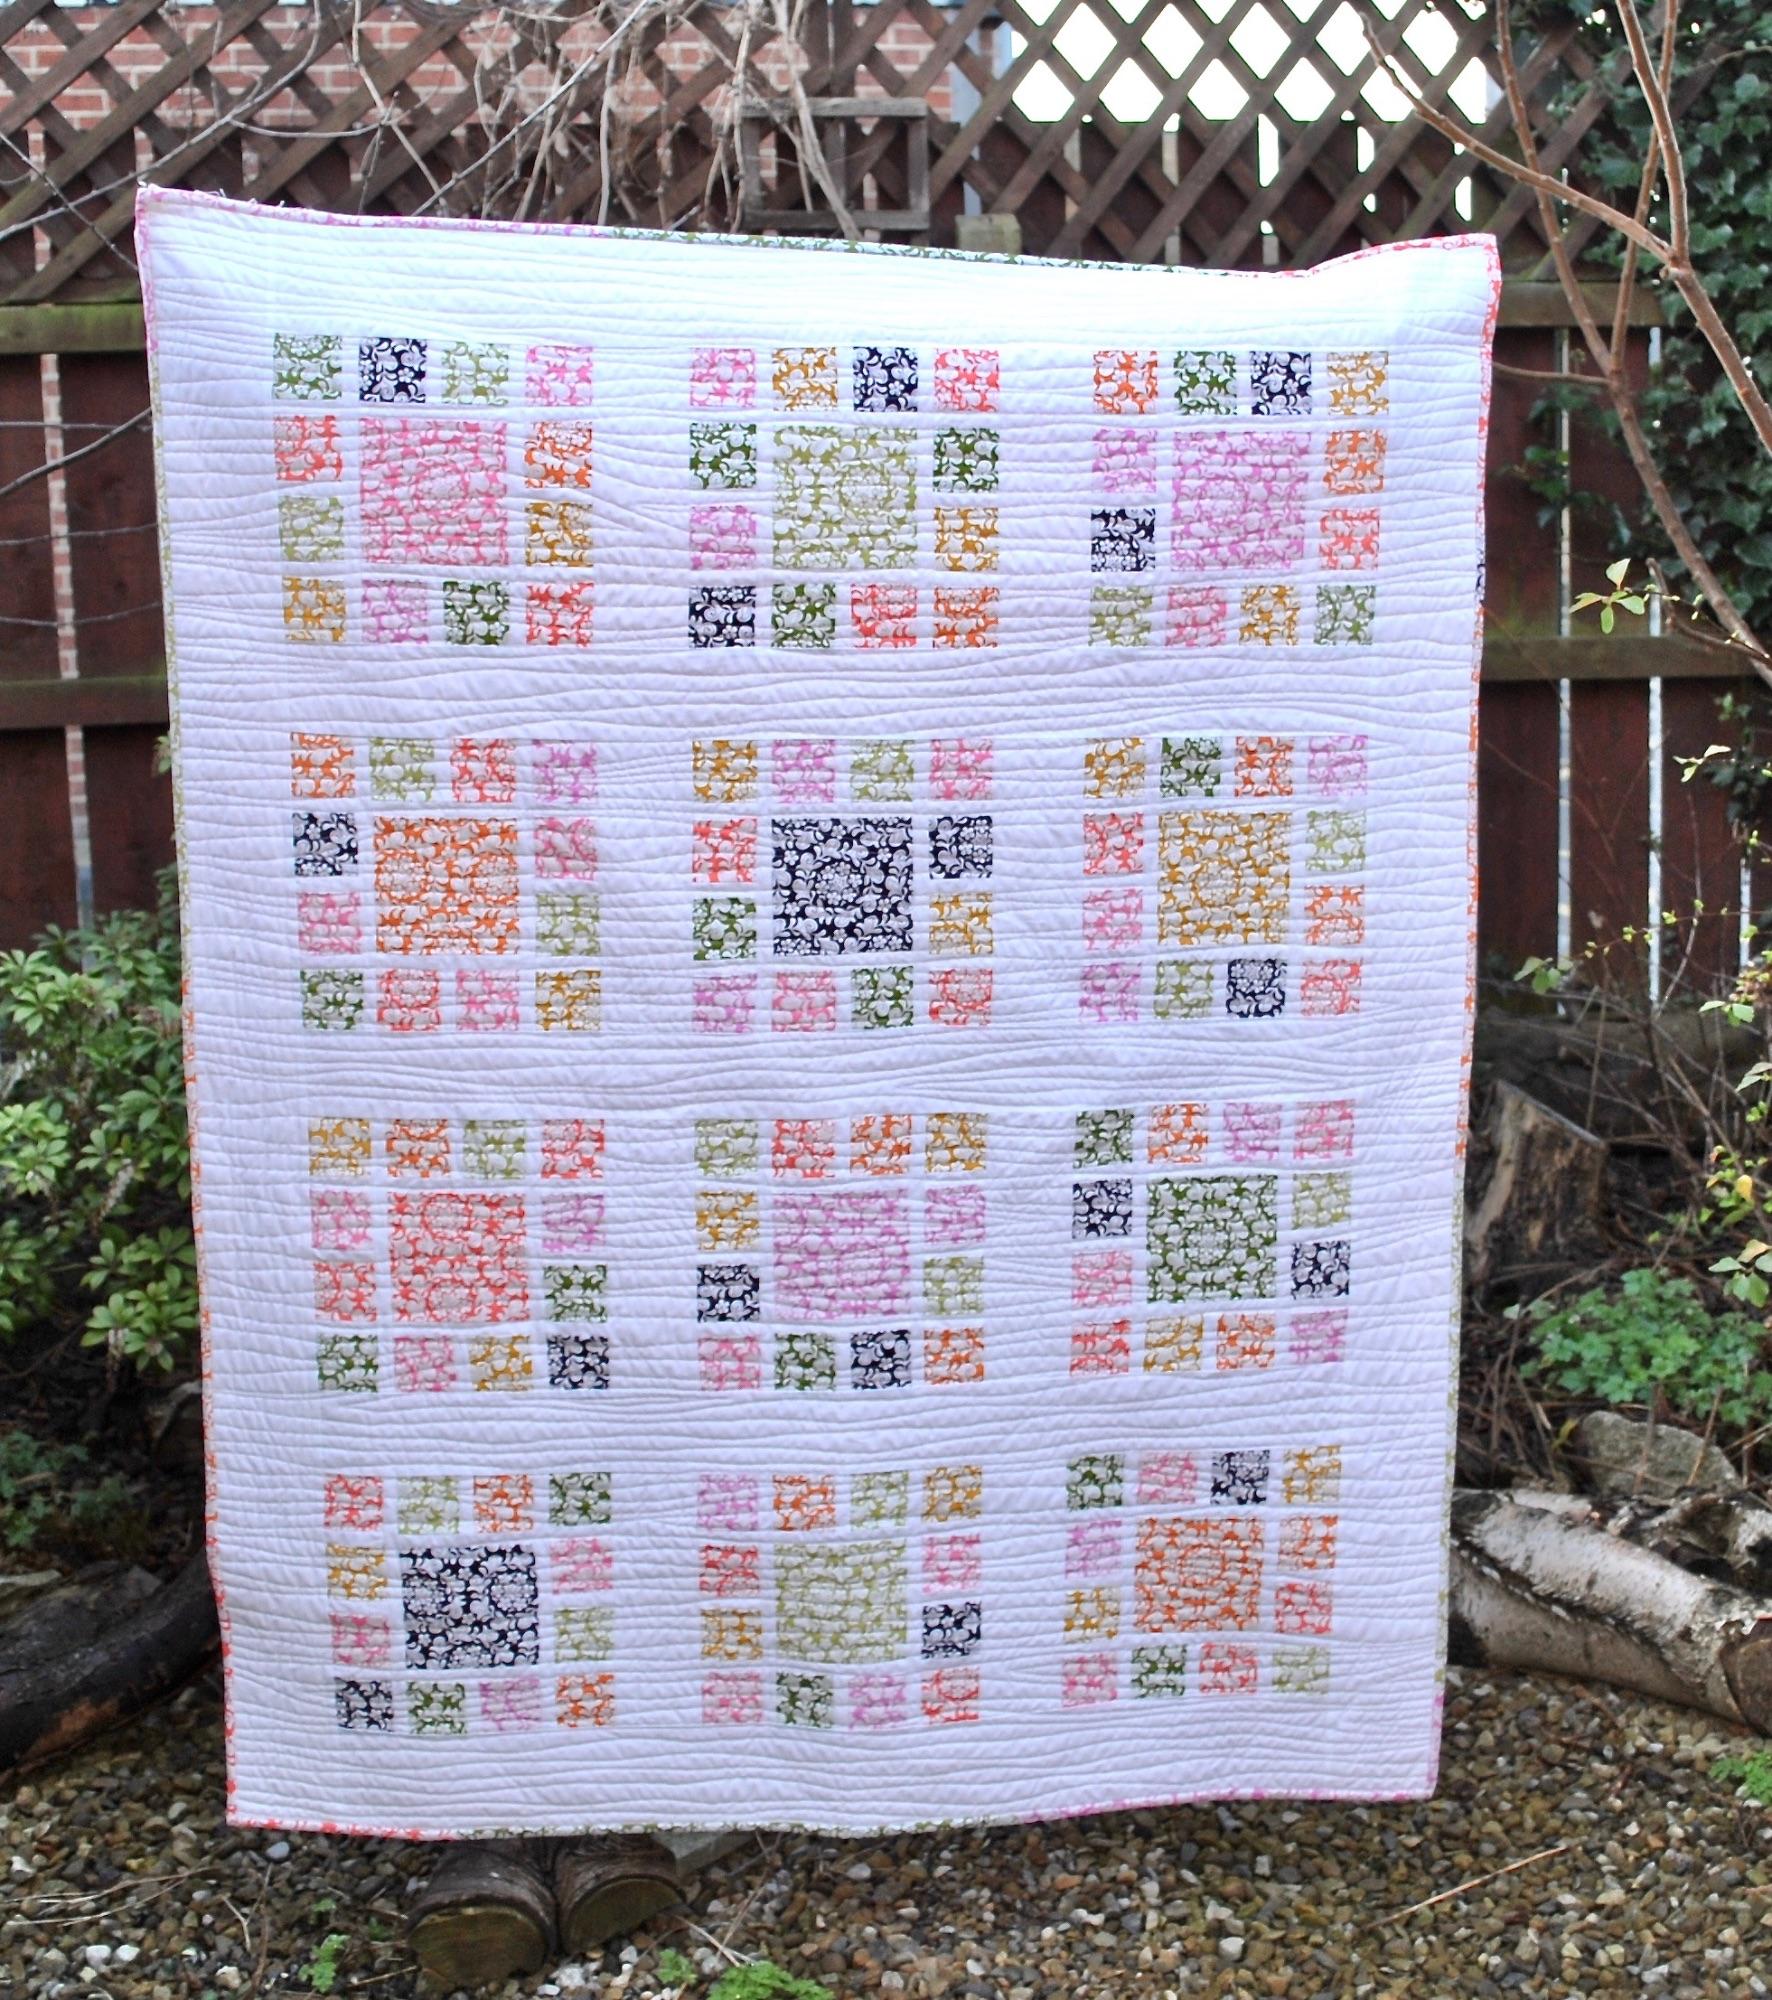 Mosaic Garden Quilt - free pattern